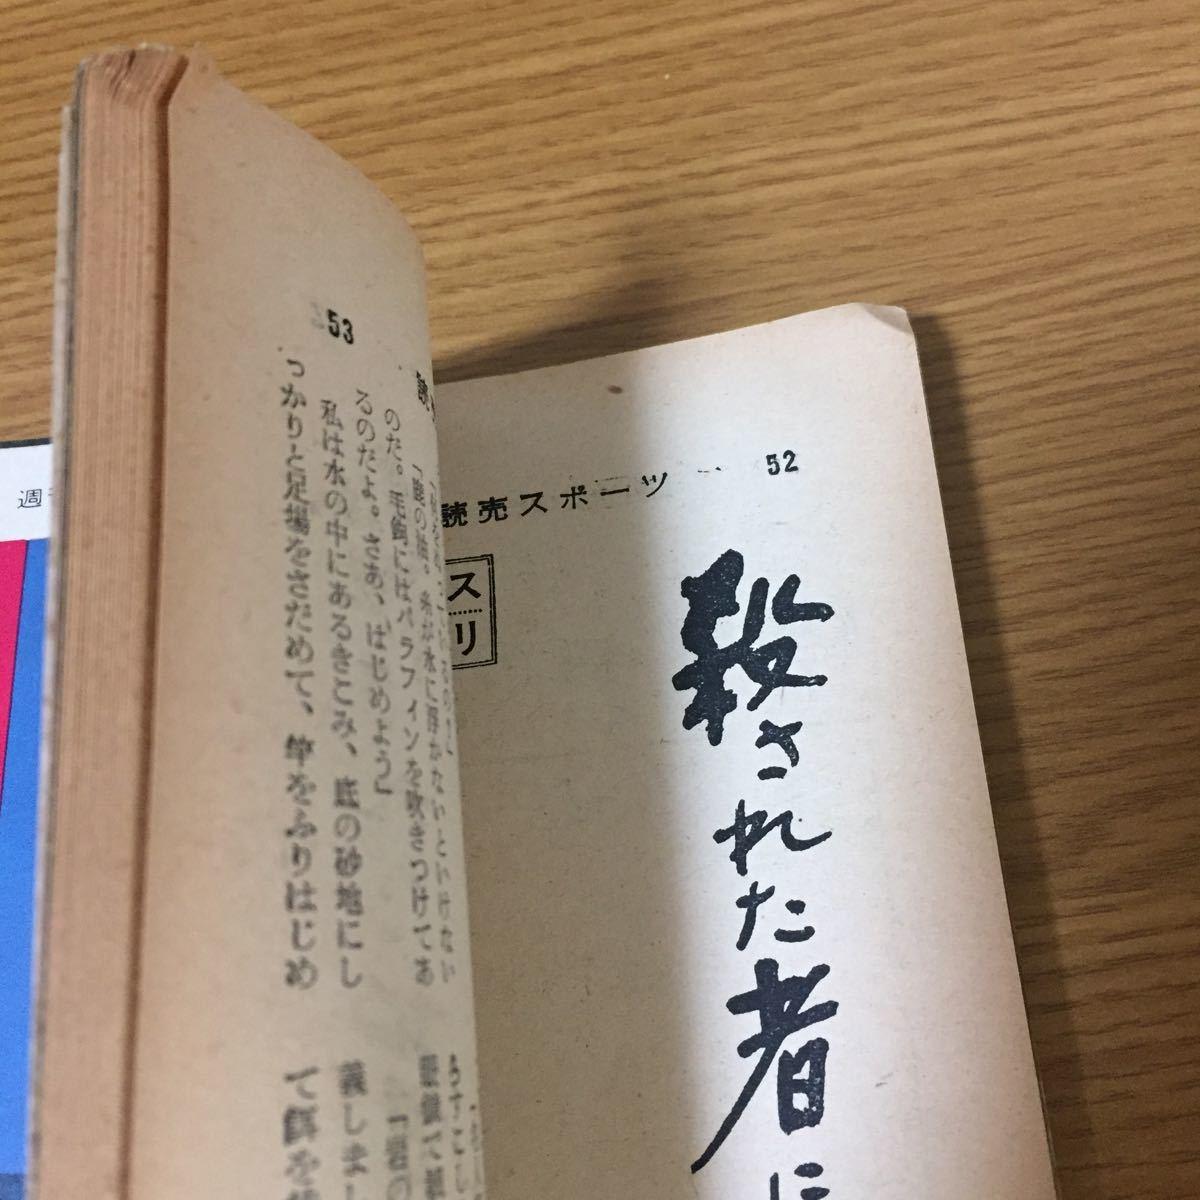 当時物 週刊読売スポーツ プロ野球誌 1959年(昭和34年)5月15日発行 野球 巨人 アンパイアの憂うつ_画像6